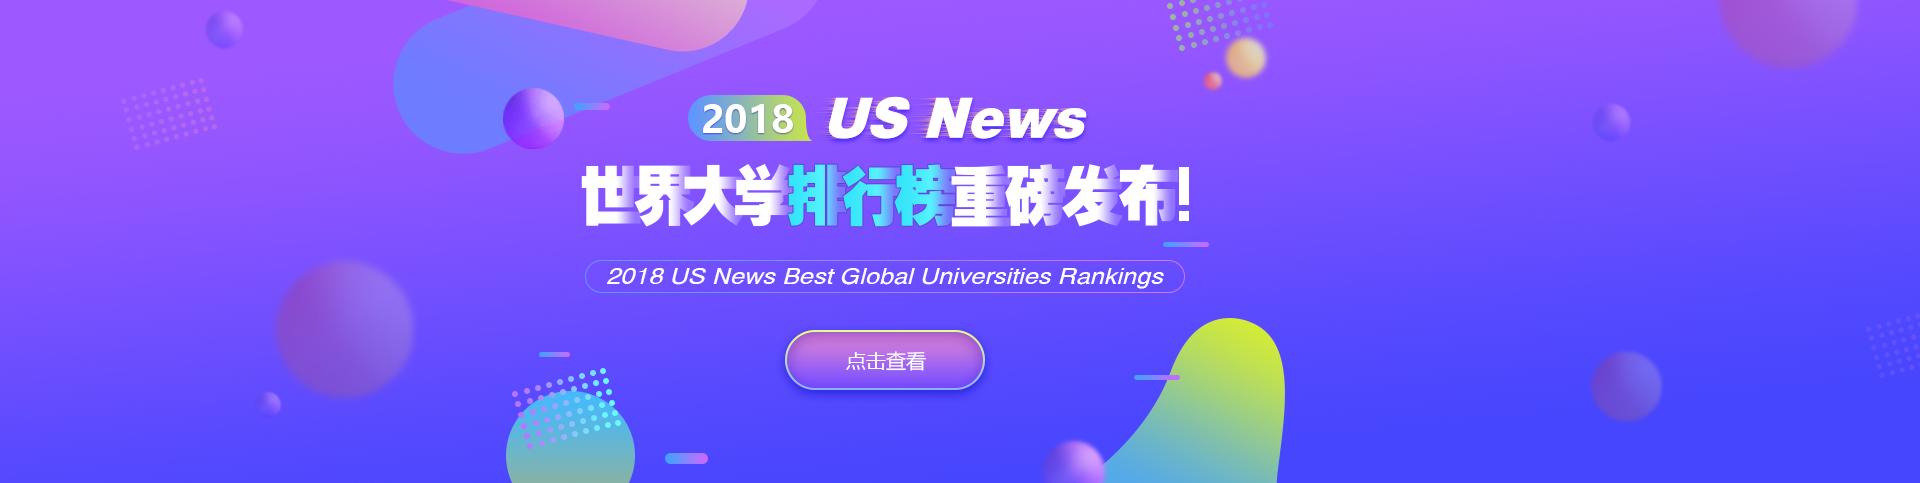 官网轮播2018USNews世界大学排行榜重磅发布!2018USNews Best Global Universities Rankings